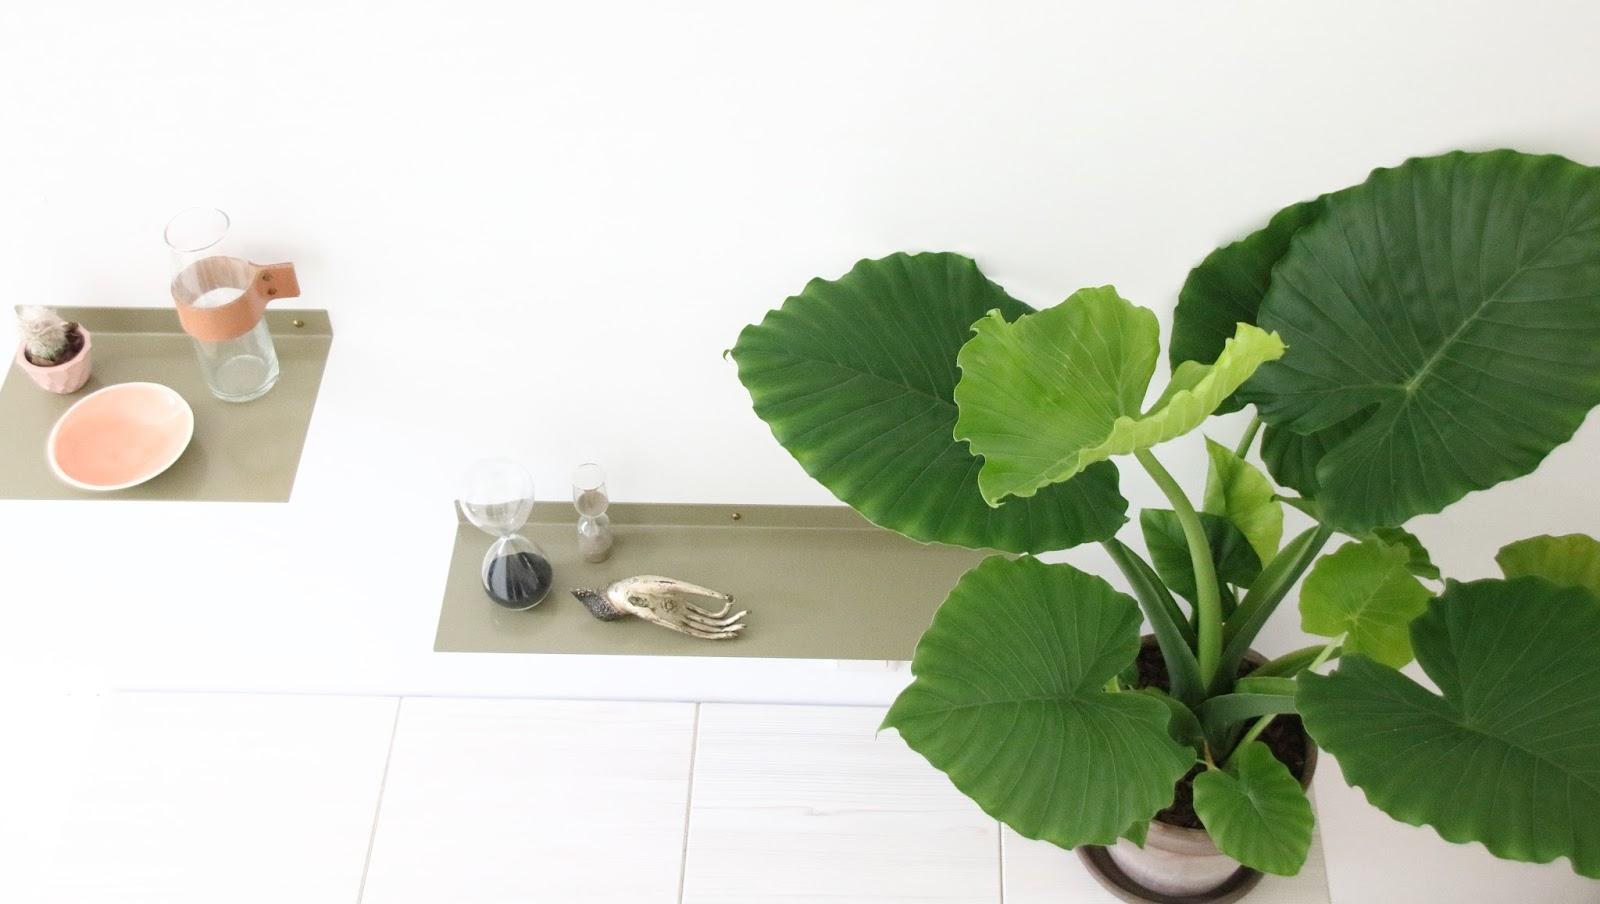 Designedlifeblog.blogspot.com Shelfies